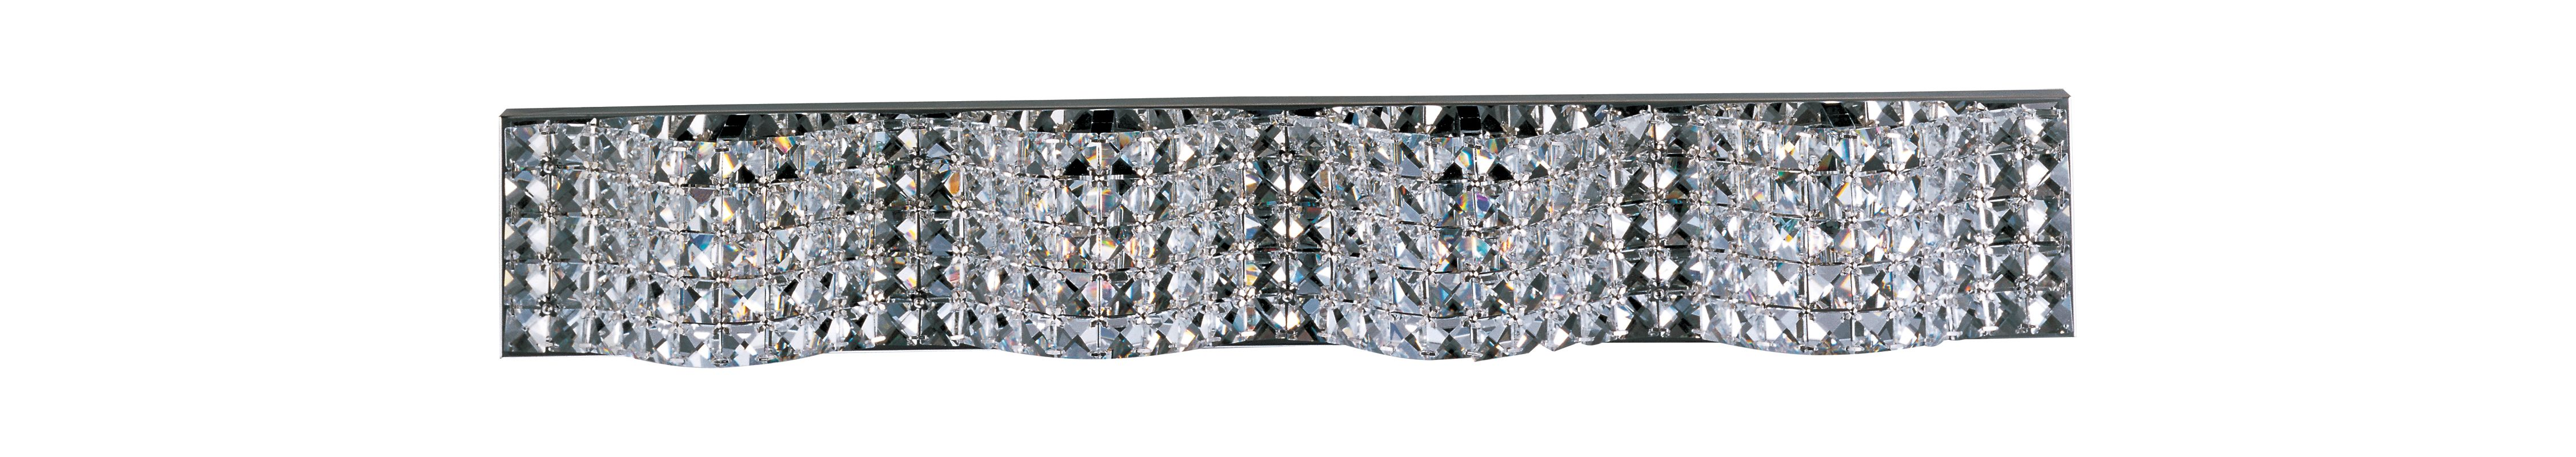 ET2 E24278-20PC Polished Chrome Contemporary Wave Bathroom Light Sale $358.00 ITEM: bci1908409 ID#:E24278-20PC UPC: 845094049128 :